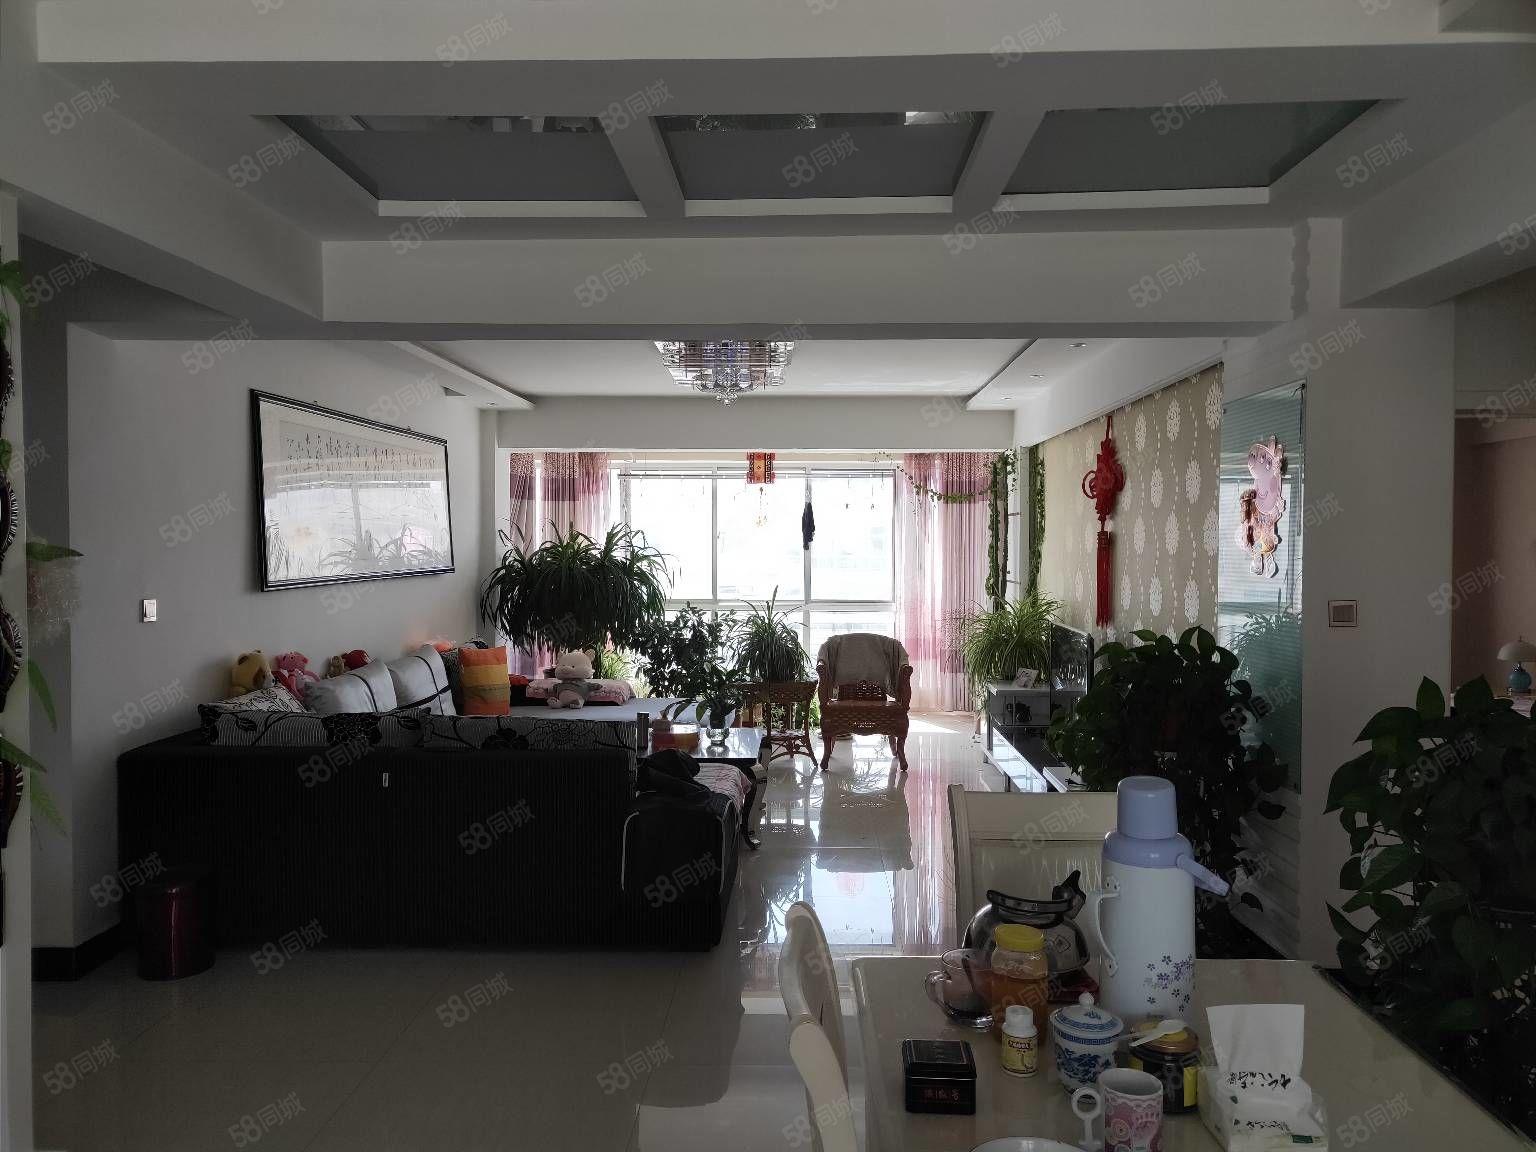 育鹏家园5楼131平米2卫精装带家具家电68万元有证可贷款